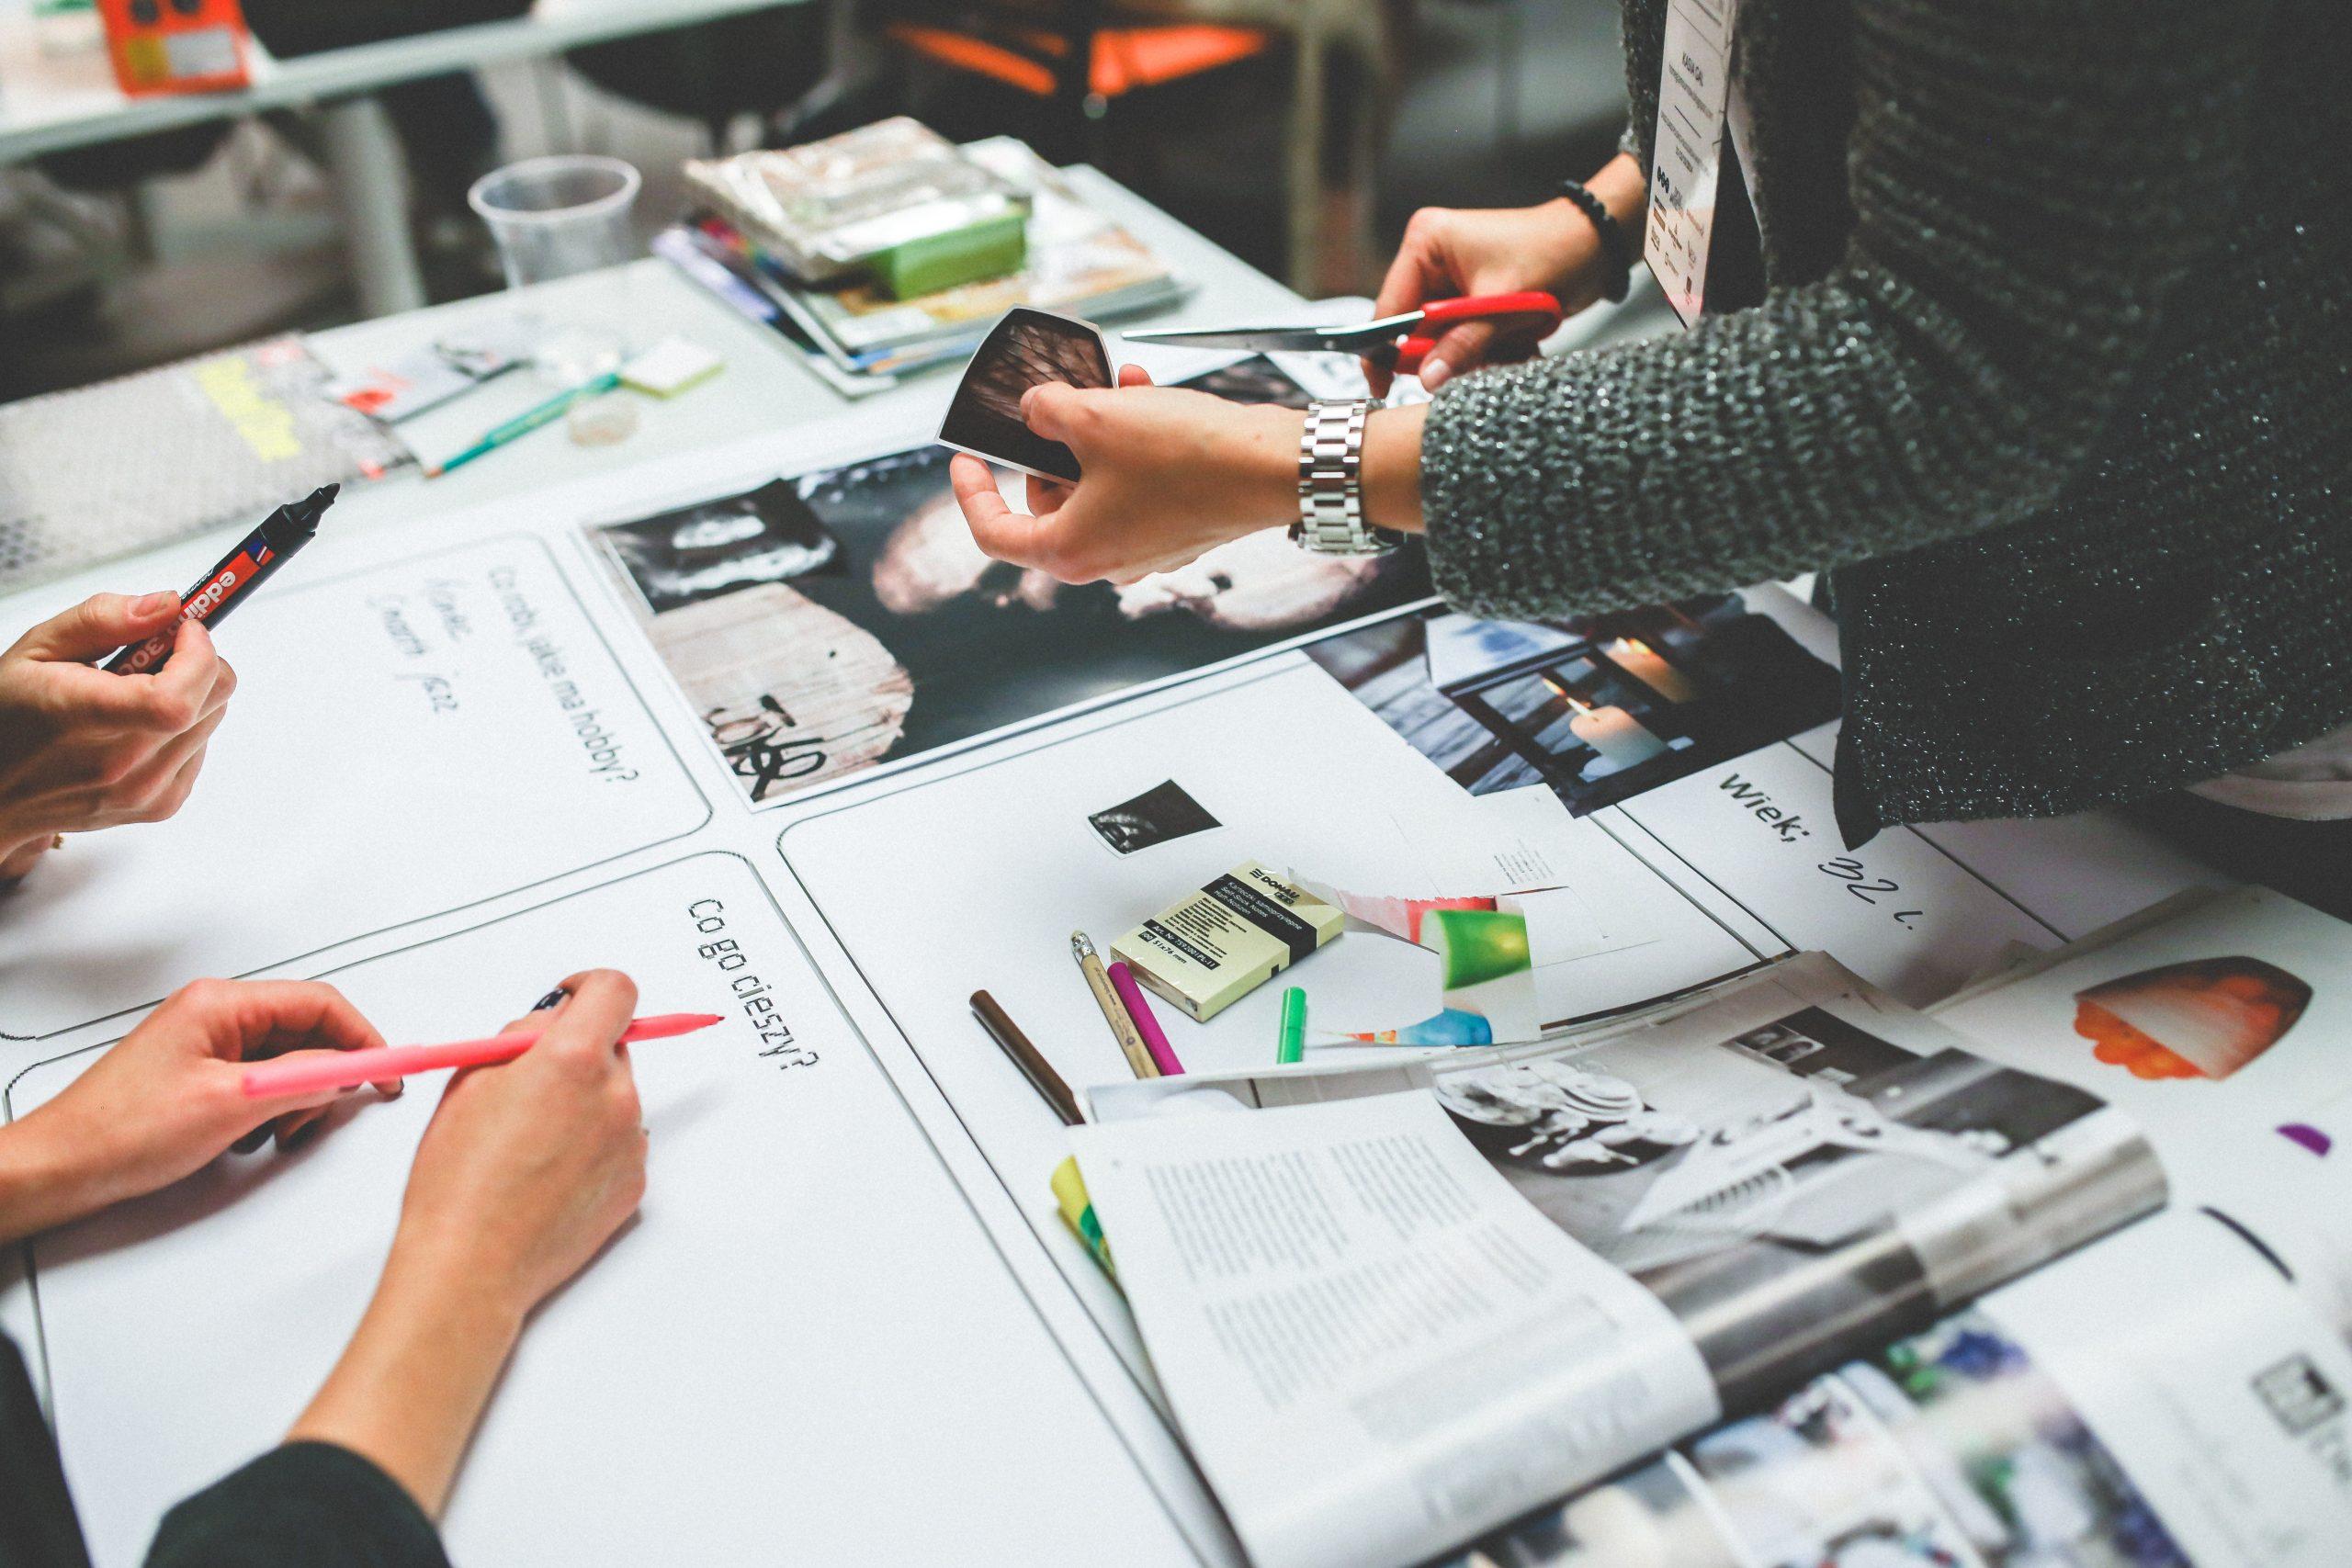 Personas recortando revistas y para redefinir los problemas encontrados en la analítica